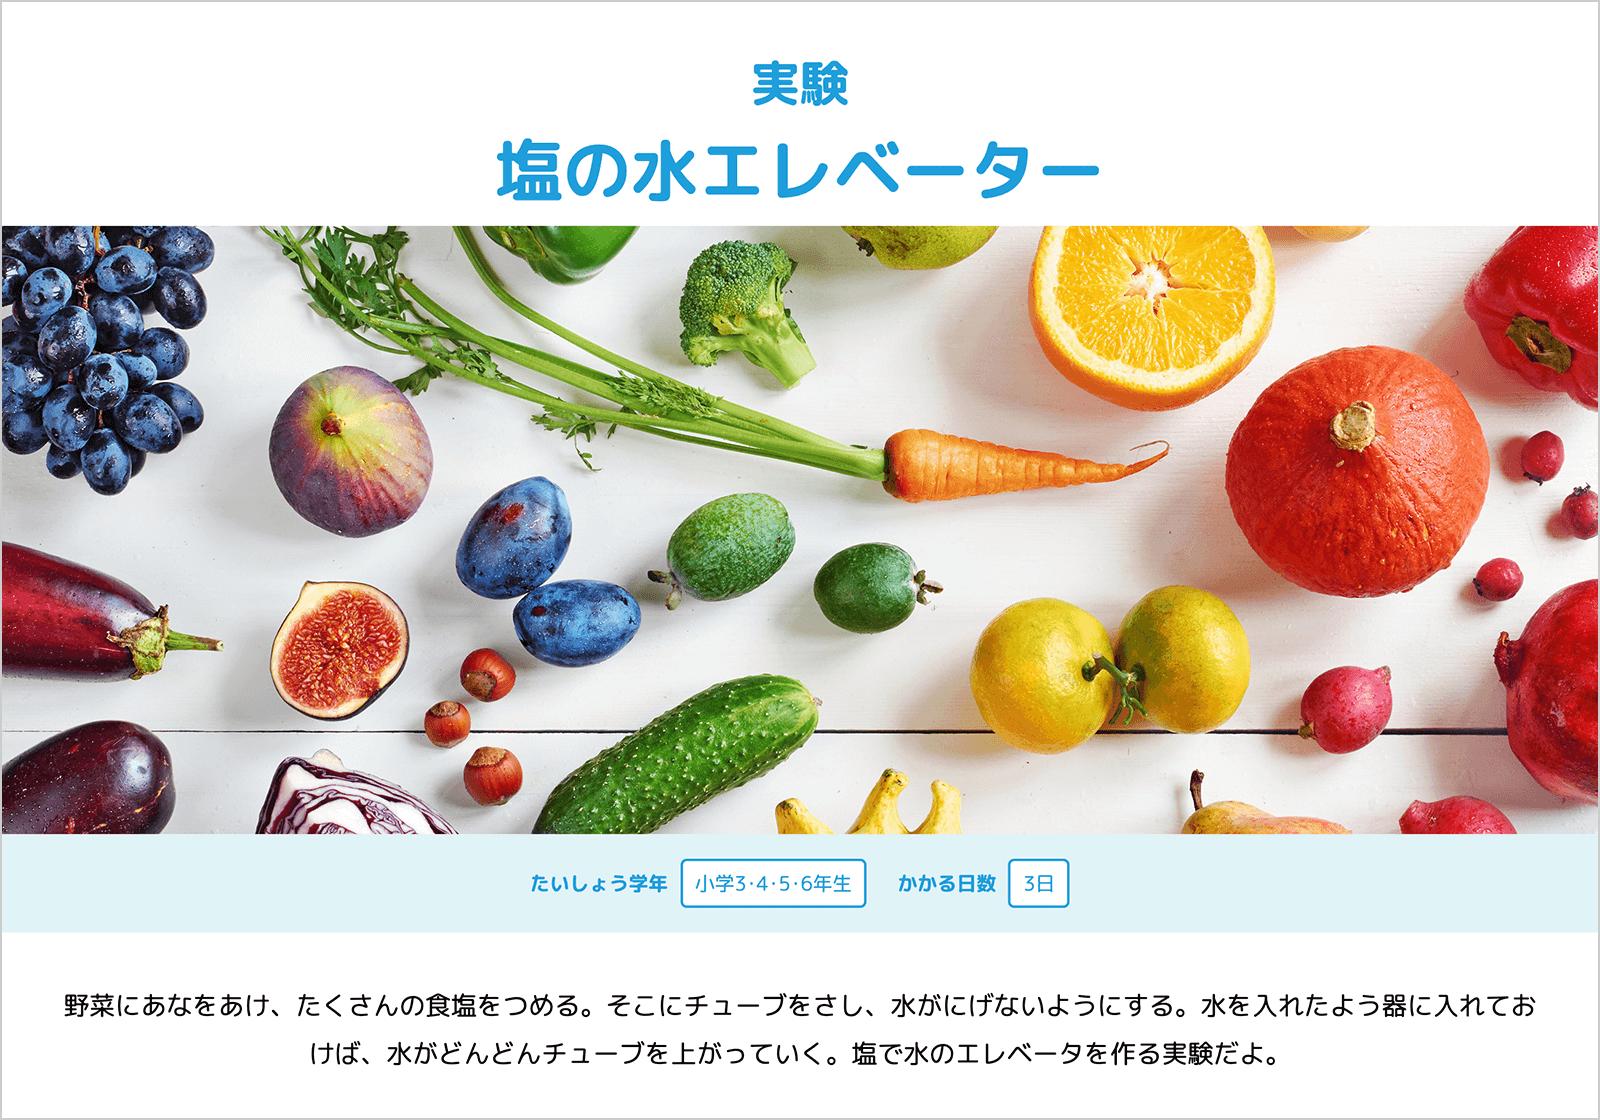 学研キッズネット「夏休み!自由研究プロジェクト」自由研究テーマ・実験